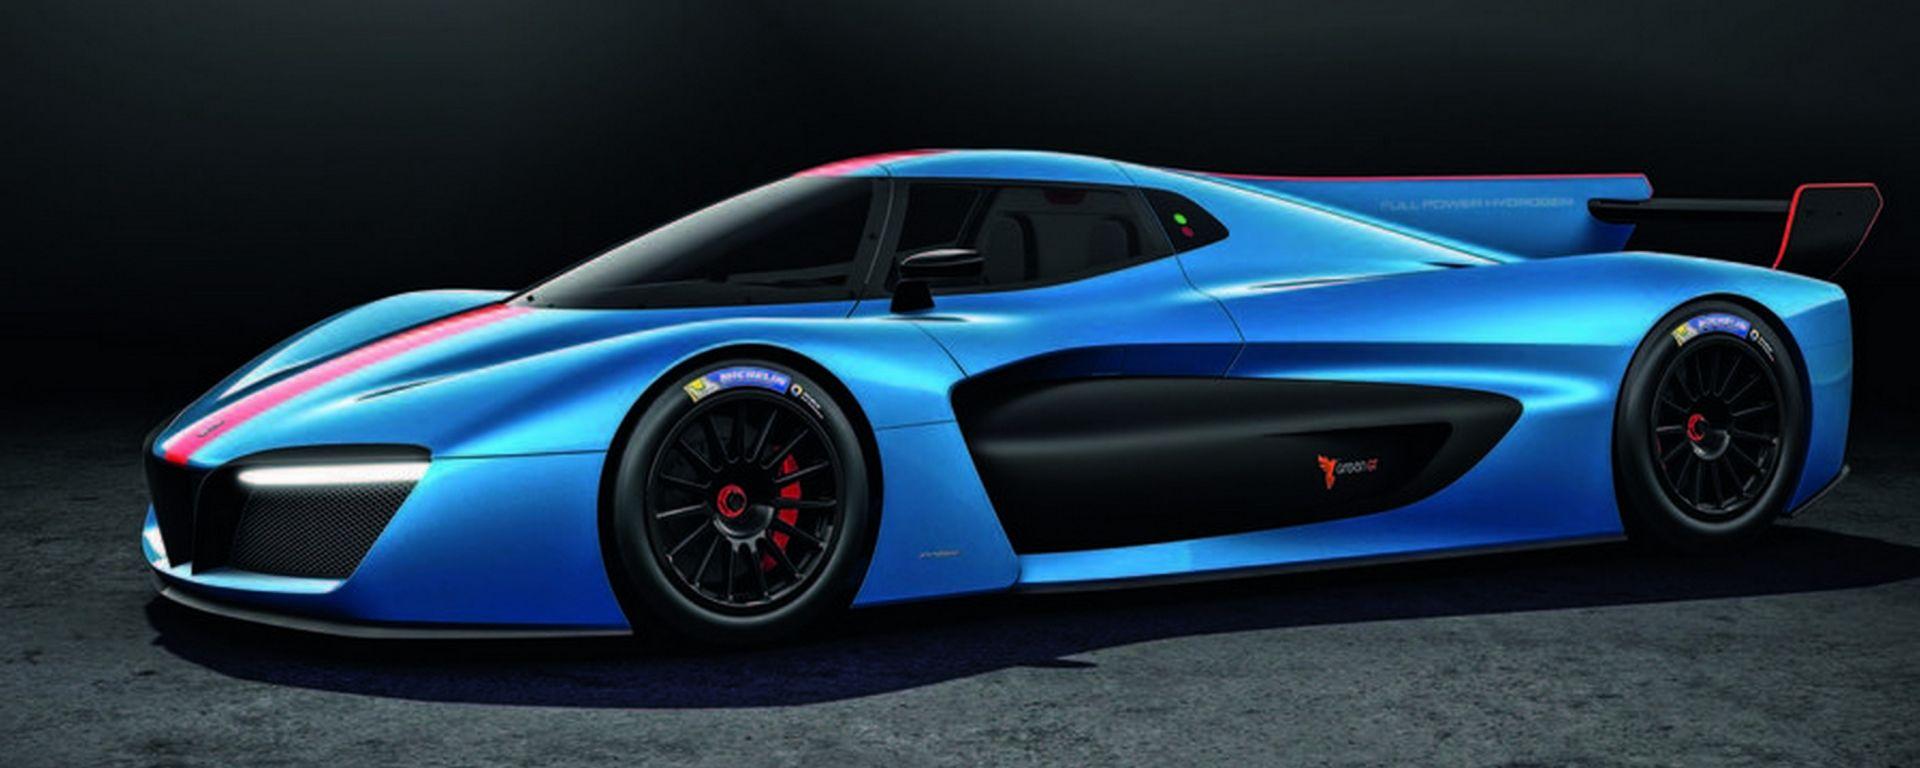 Automobili Pininfarina: arriva l'hypercar con il nuovo brand